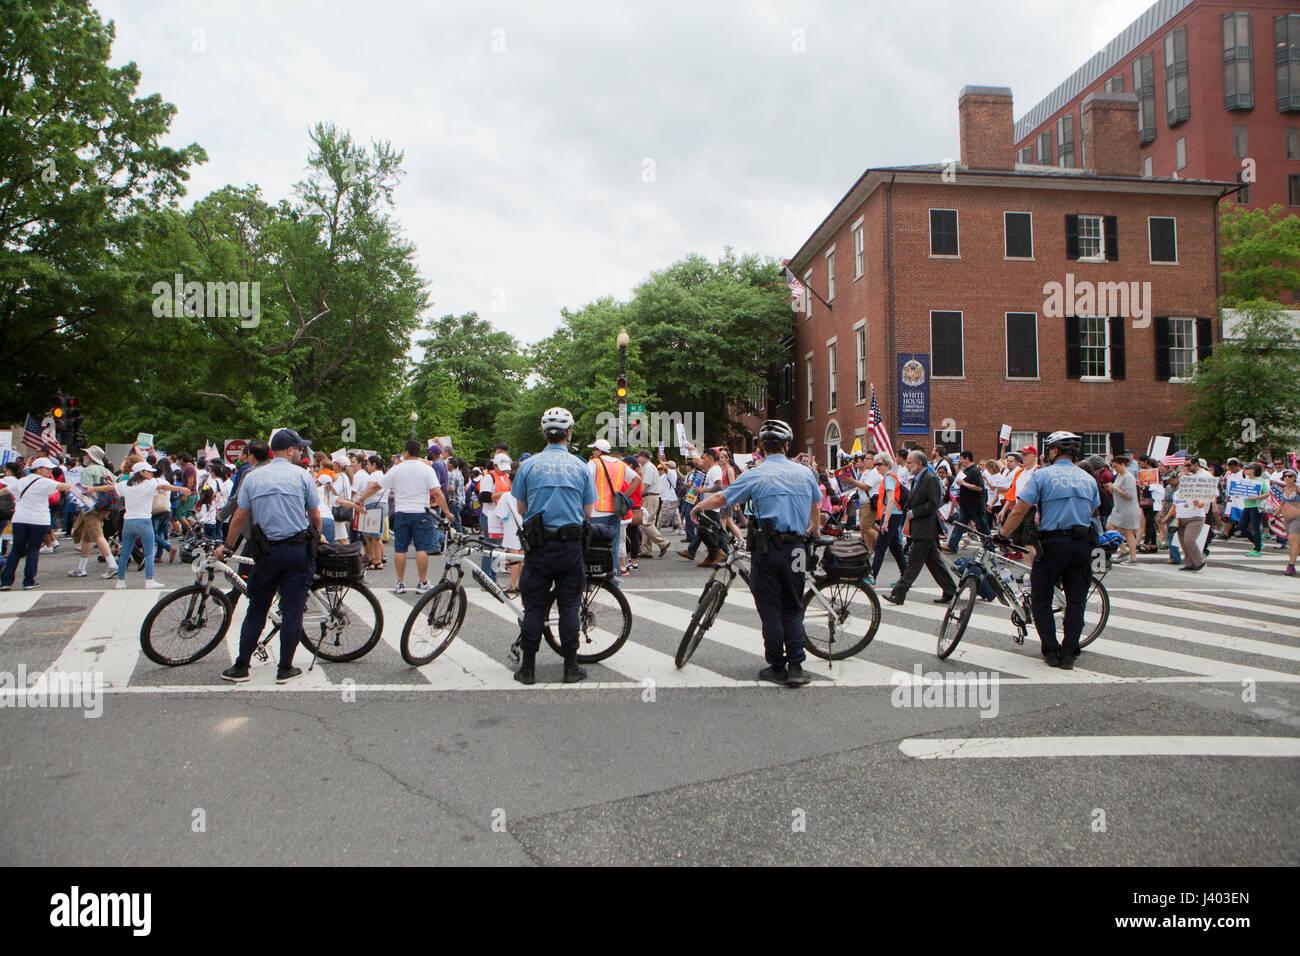 Bicicleta de carretera cerca de la policía para bloquear la protesta pública - EE.UU. Imagen De Stock